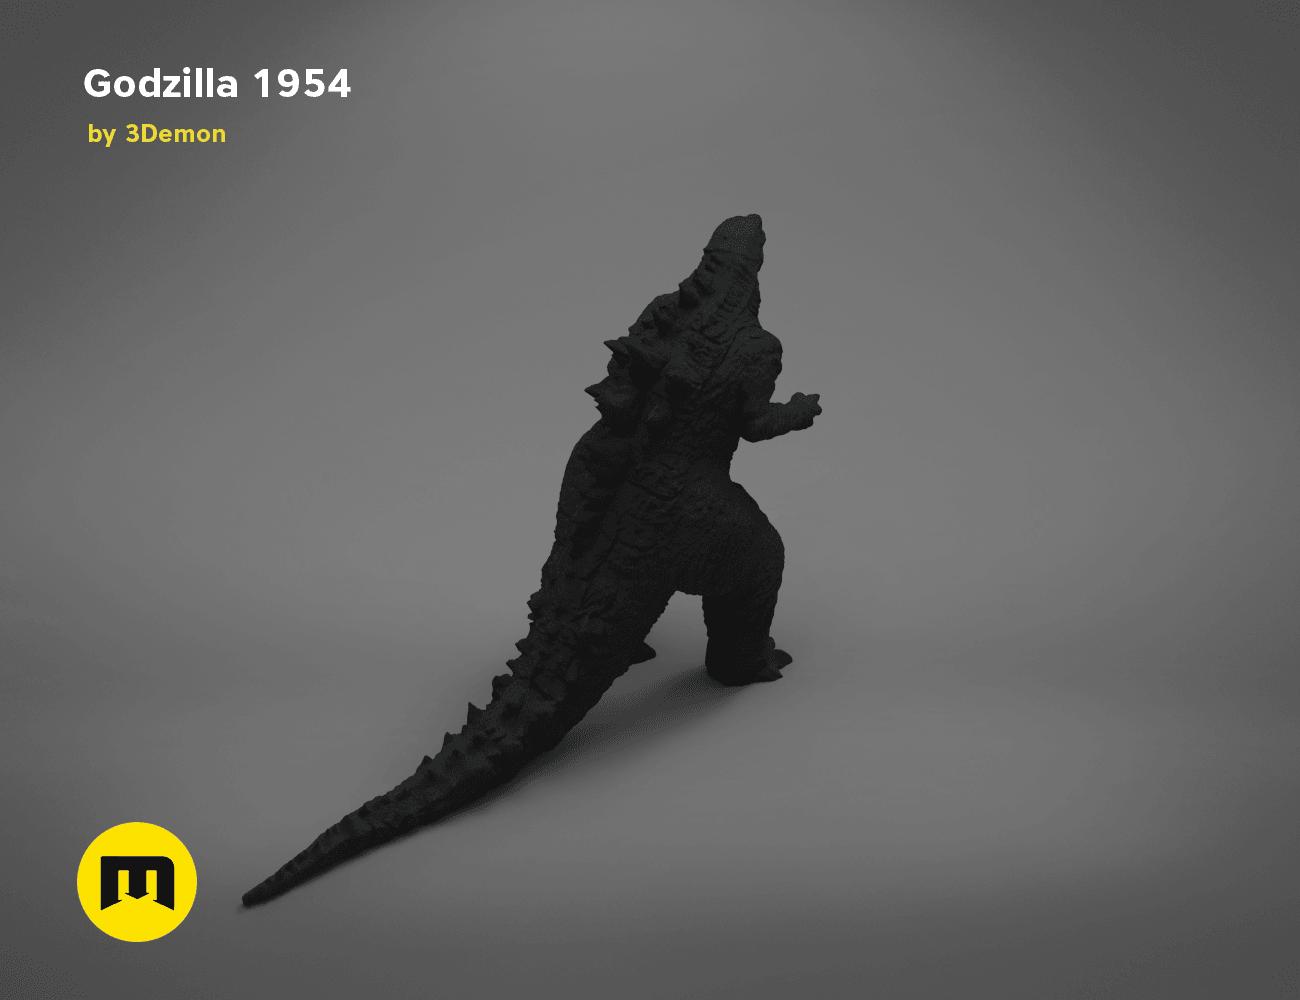 godzilla-black-japanese-isometric_parts.199.png Télécharger fichier OBJ gratuit Godzilla 1954 figurine et ouvre-bouteille • Objet imprimable en 3D, 3D-mon